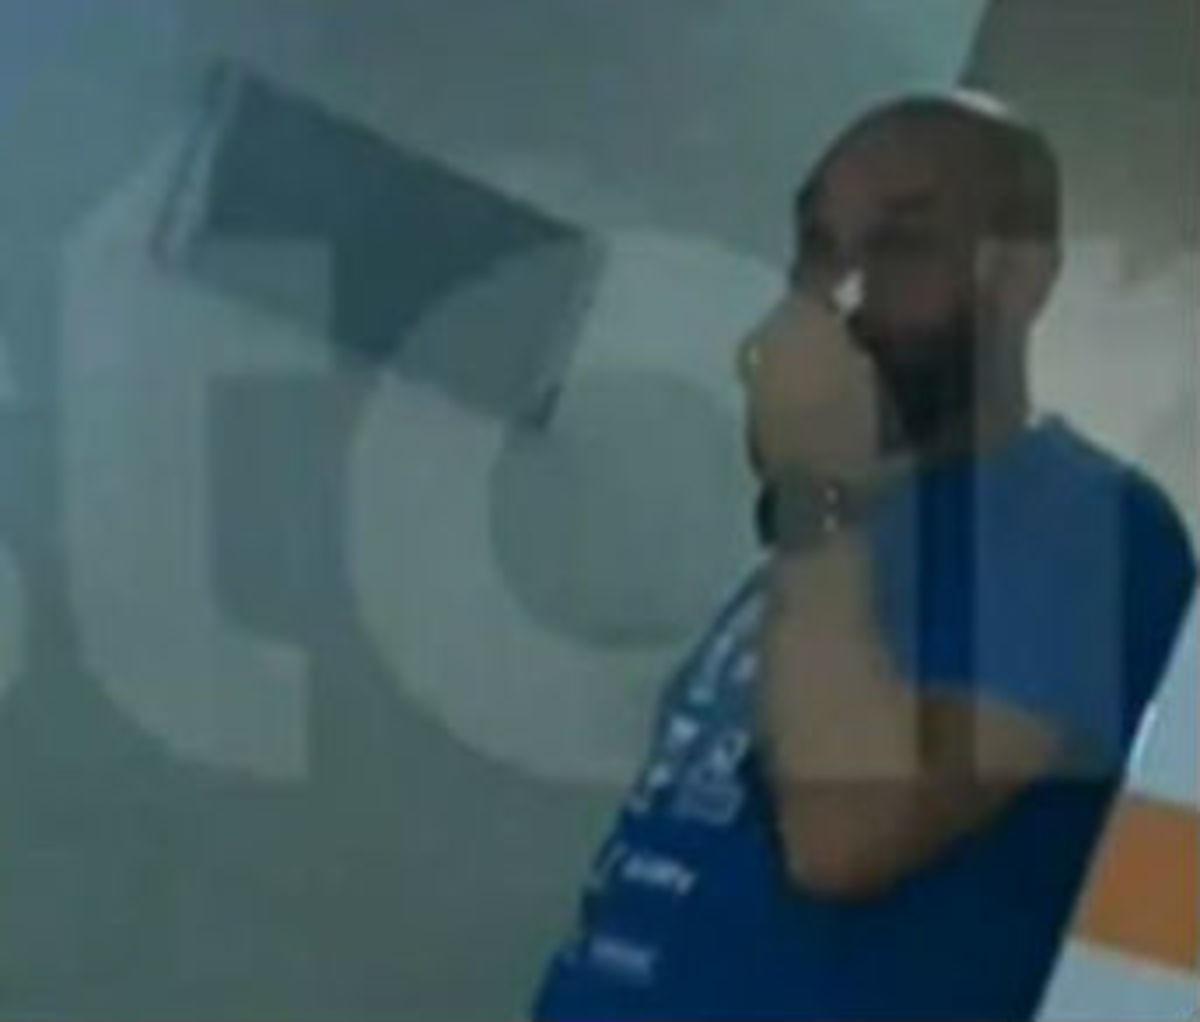 Ήβη Αδάμου – Μιχάλης Κουϊνέλης: Οι πρώτες συγκινητικές εικόνες από το μαιευτήριο! [vid] | Newsit.gr